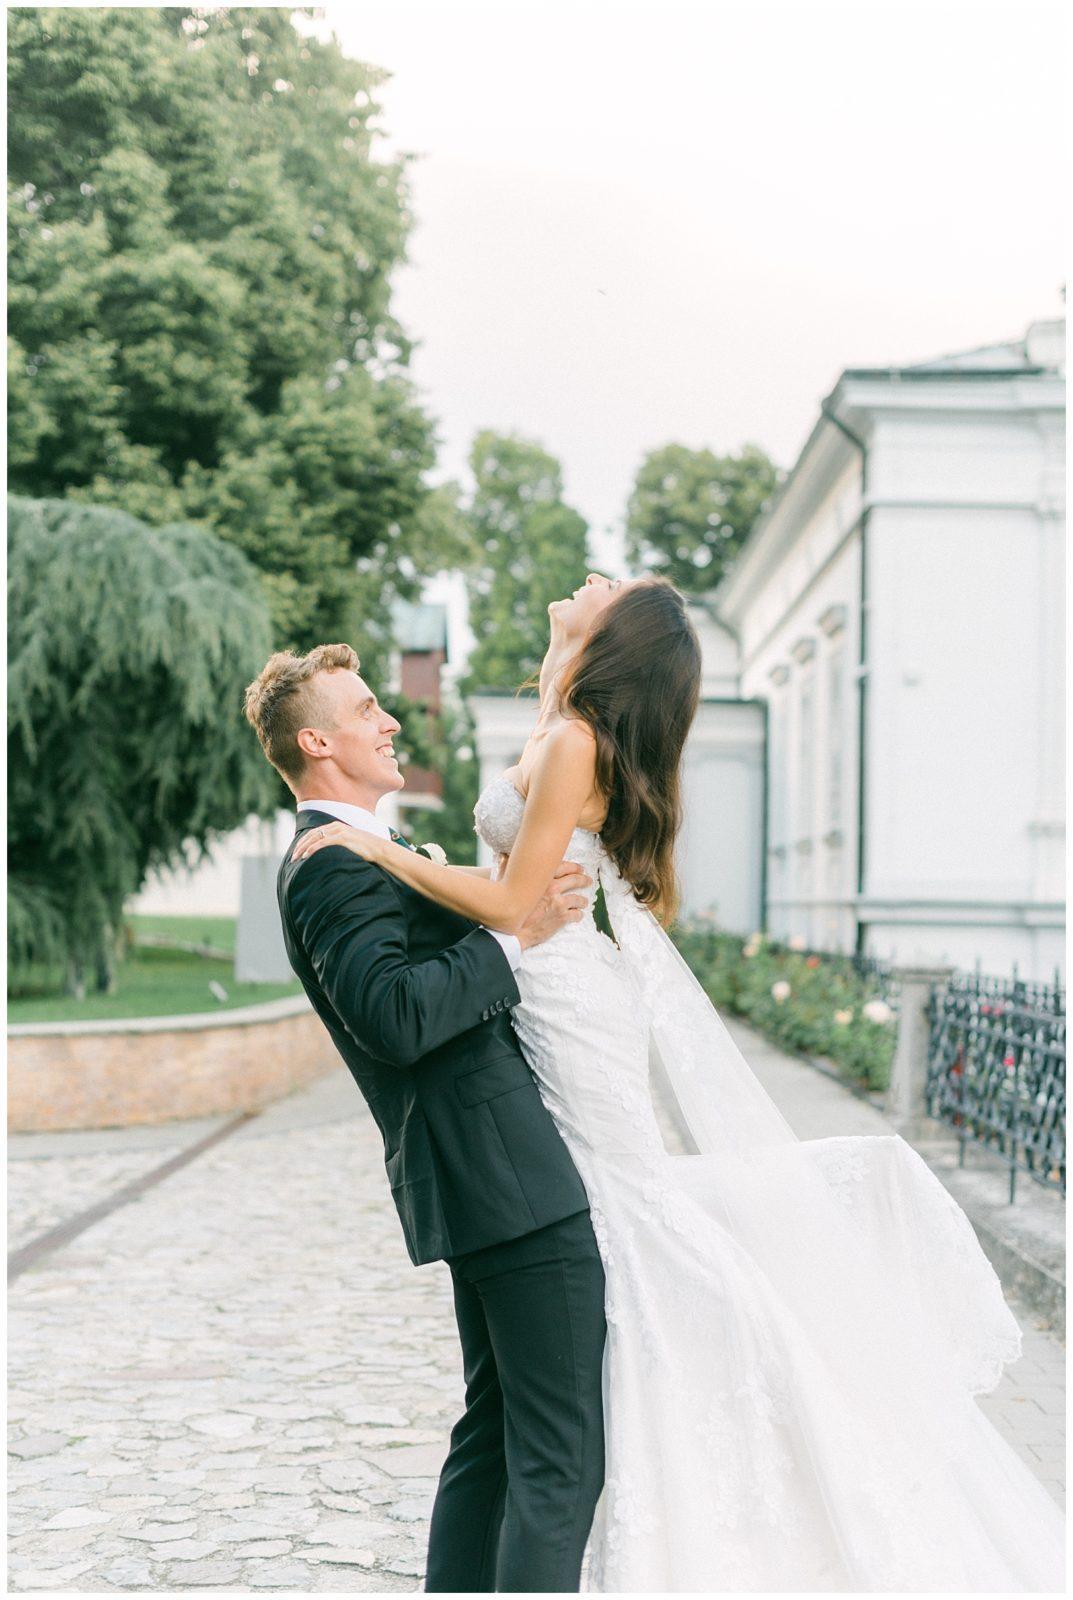 Zaľúbený novomanželia fotení v exteriéri.